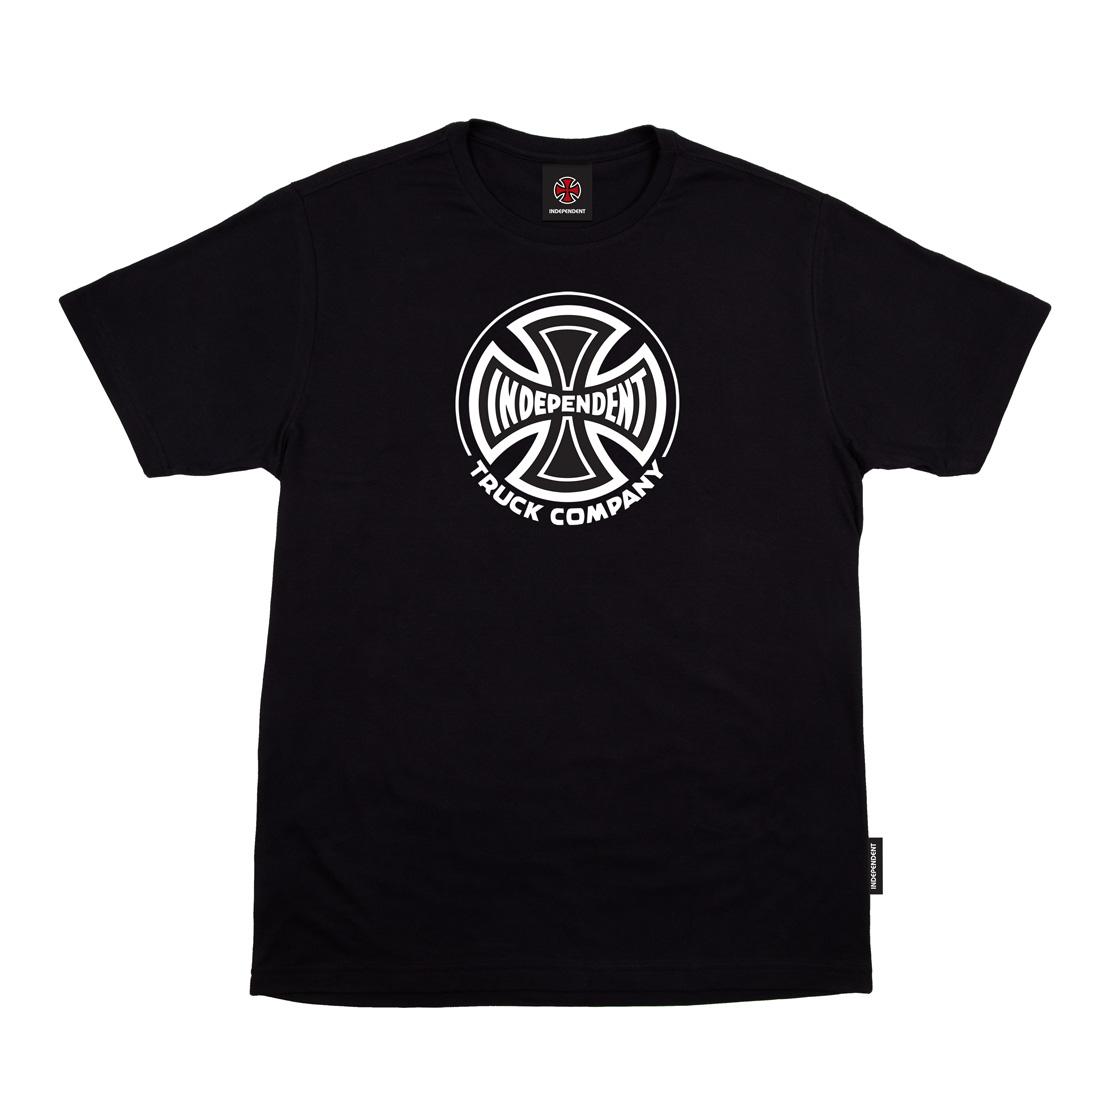 Camiseta Independent Truck Co Preta